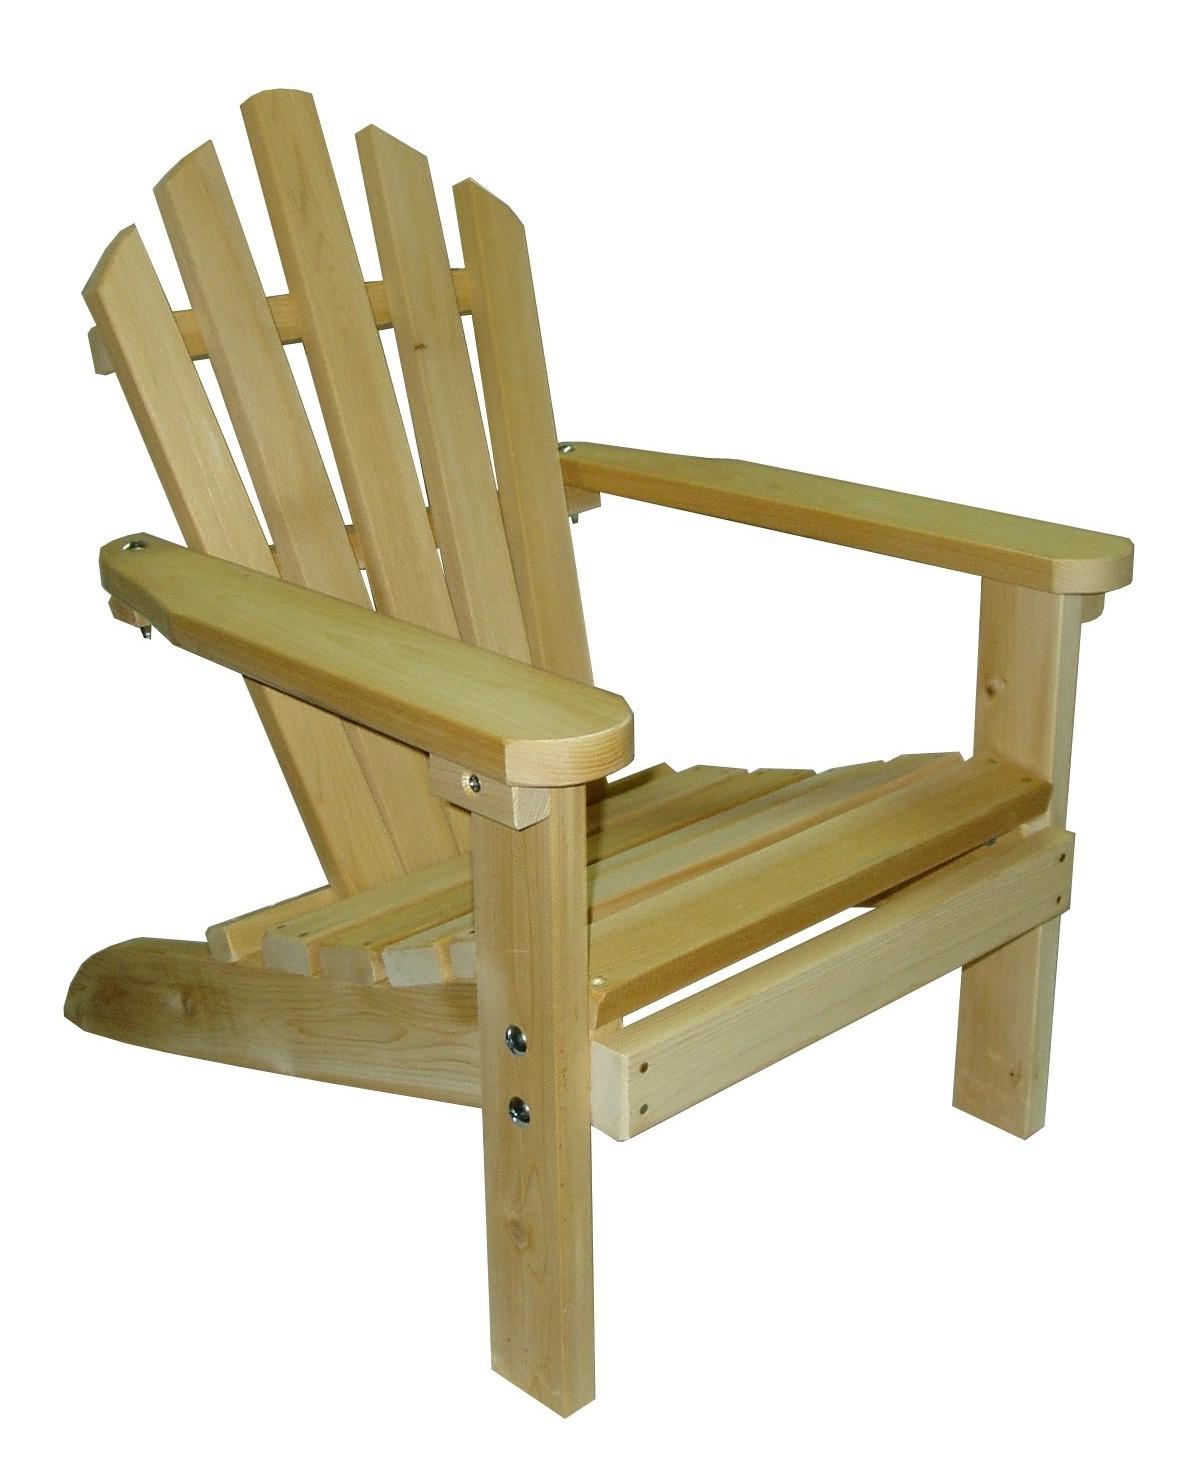 Coussin Pour Fauteuil Adirondack chair westport fauteuil de muskoka adirondack jardin bois en